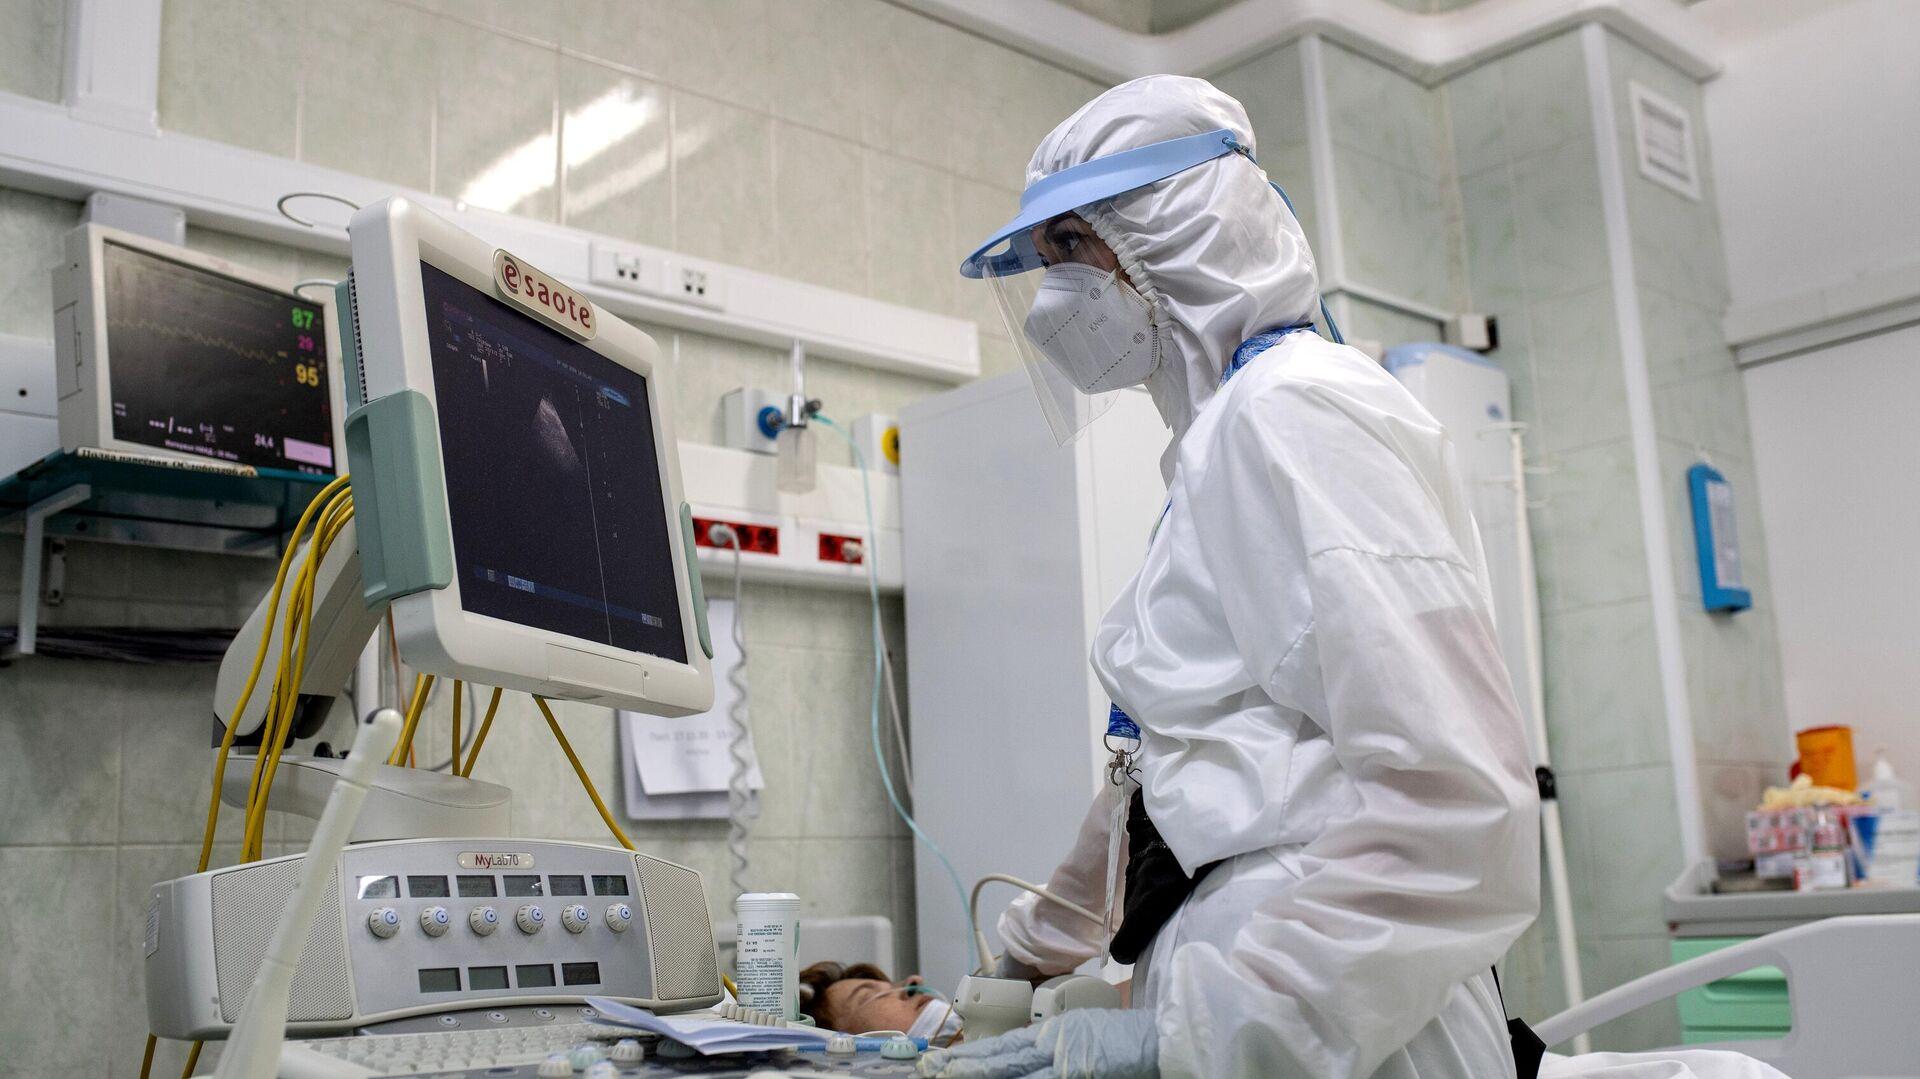 Врач делает УЗИ пациенту в отделении реанимации и интенсивной терапии в госпитале COVID-19 в городской клинической больнице № 52 в Москве. - РИА Новости, 1920, 04.12.2020